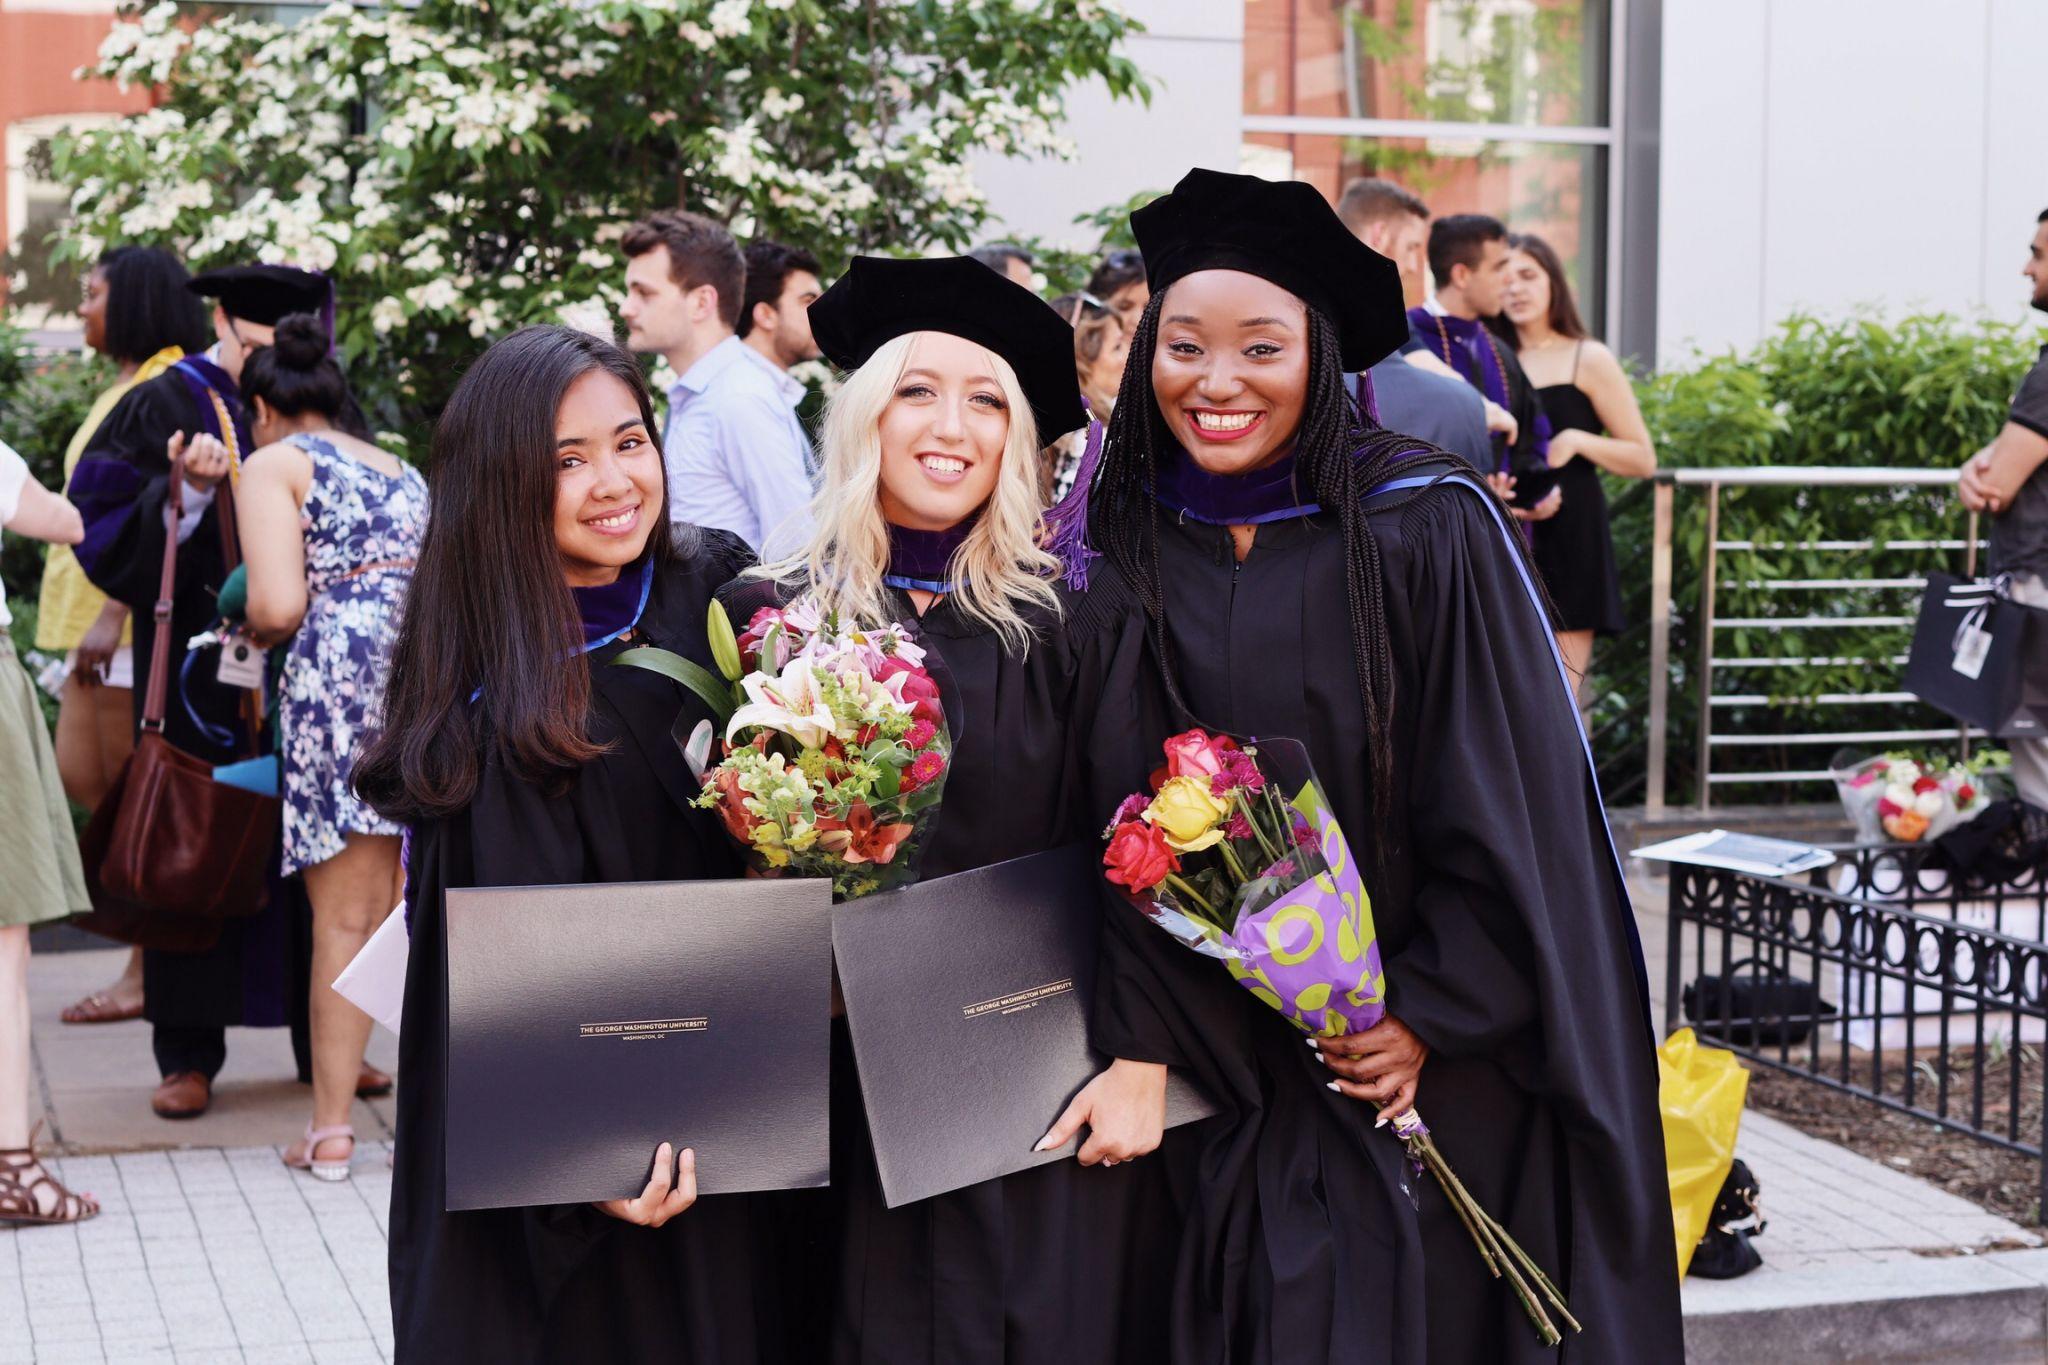 My Law School Graduation (LL.M.)